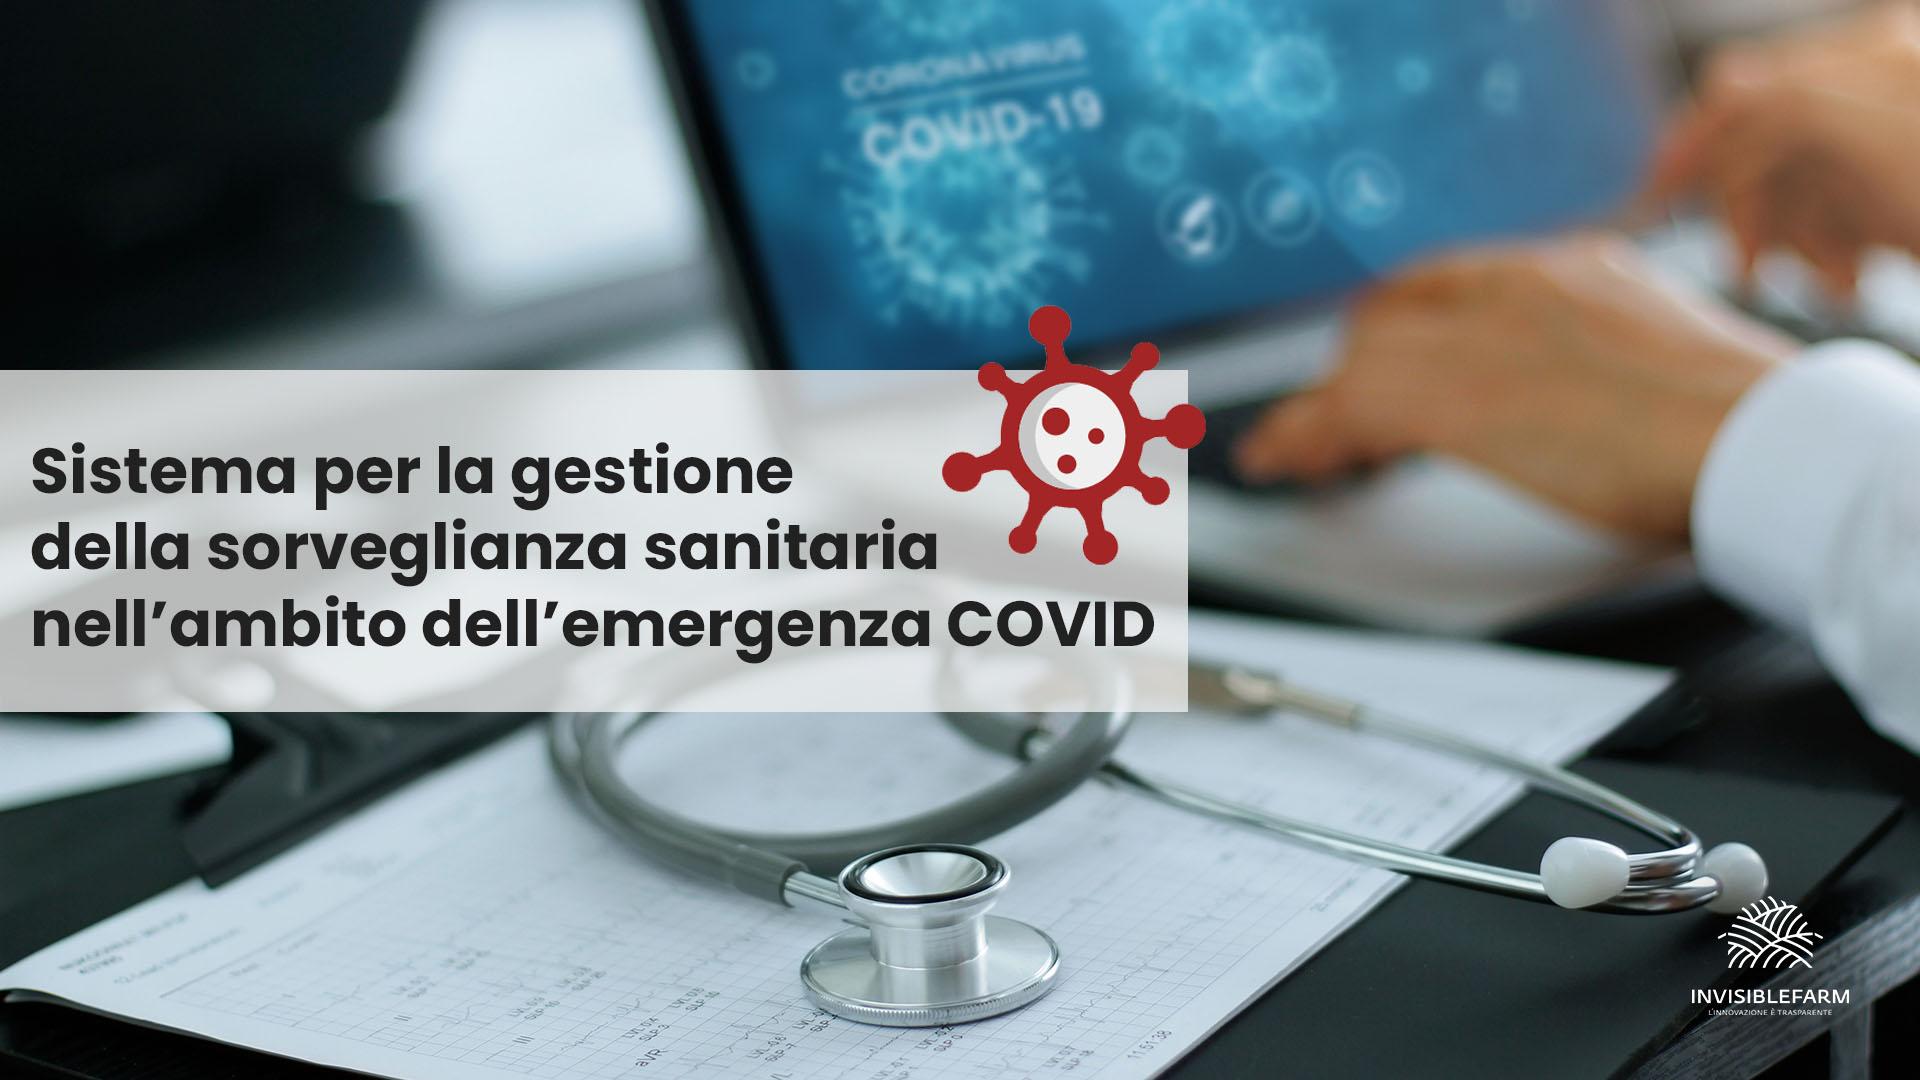 il sistema per la gestione della sorveglianza sanitaria nell'ambito dell'emergenza COVID